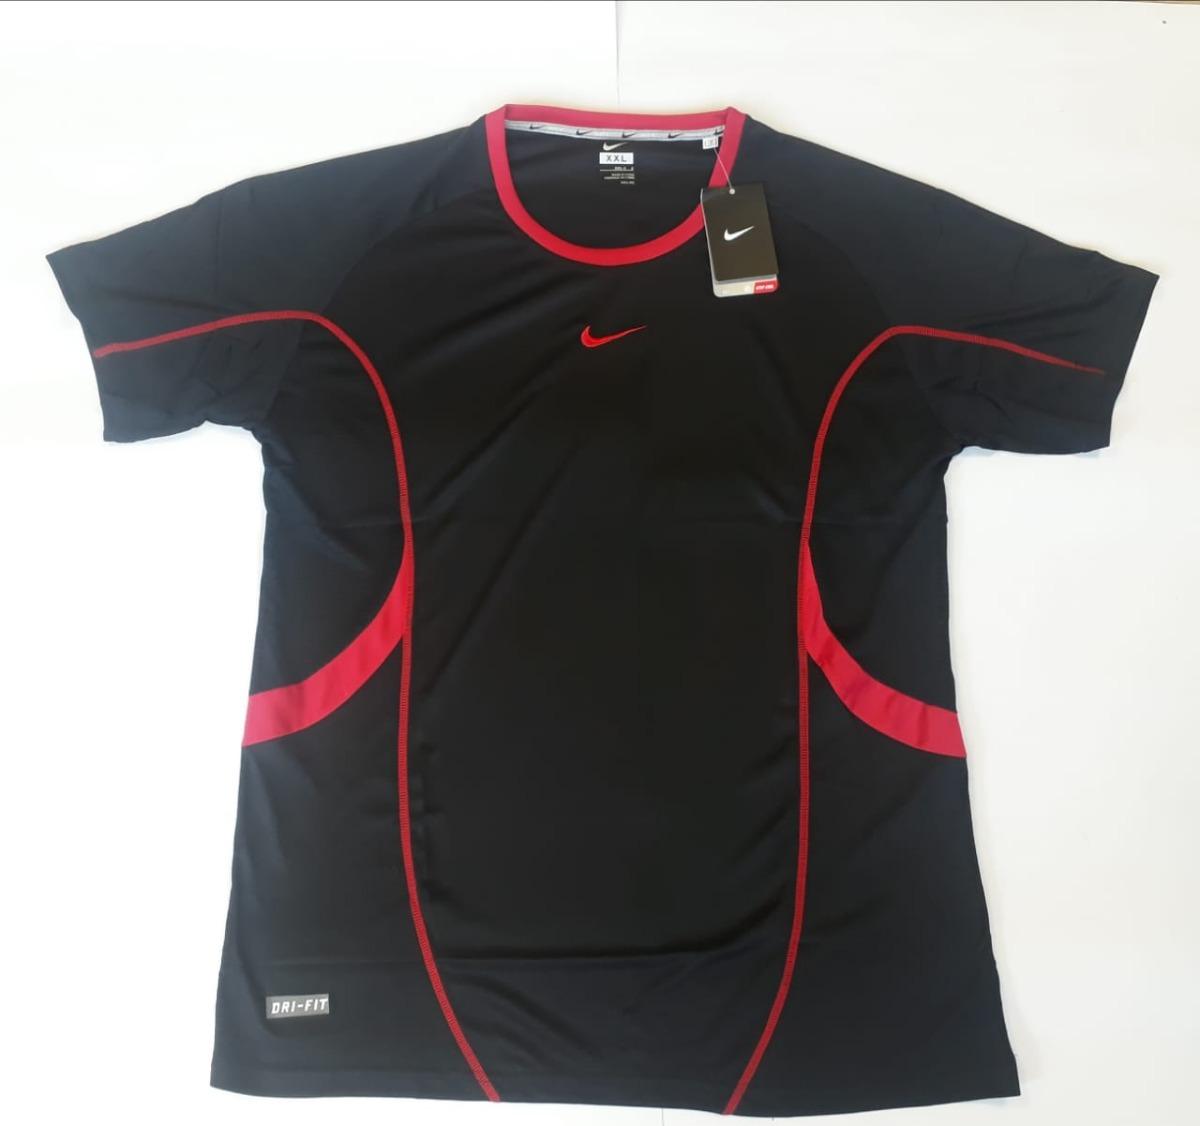 987231a3e camisetas deportivas nike adidas under armour para hombre. Cargando zoom.